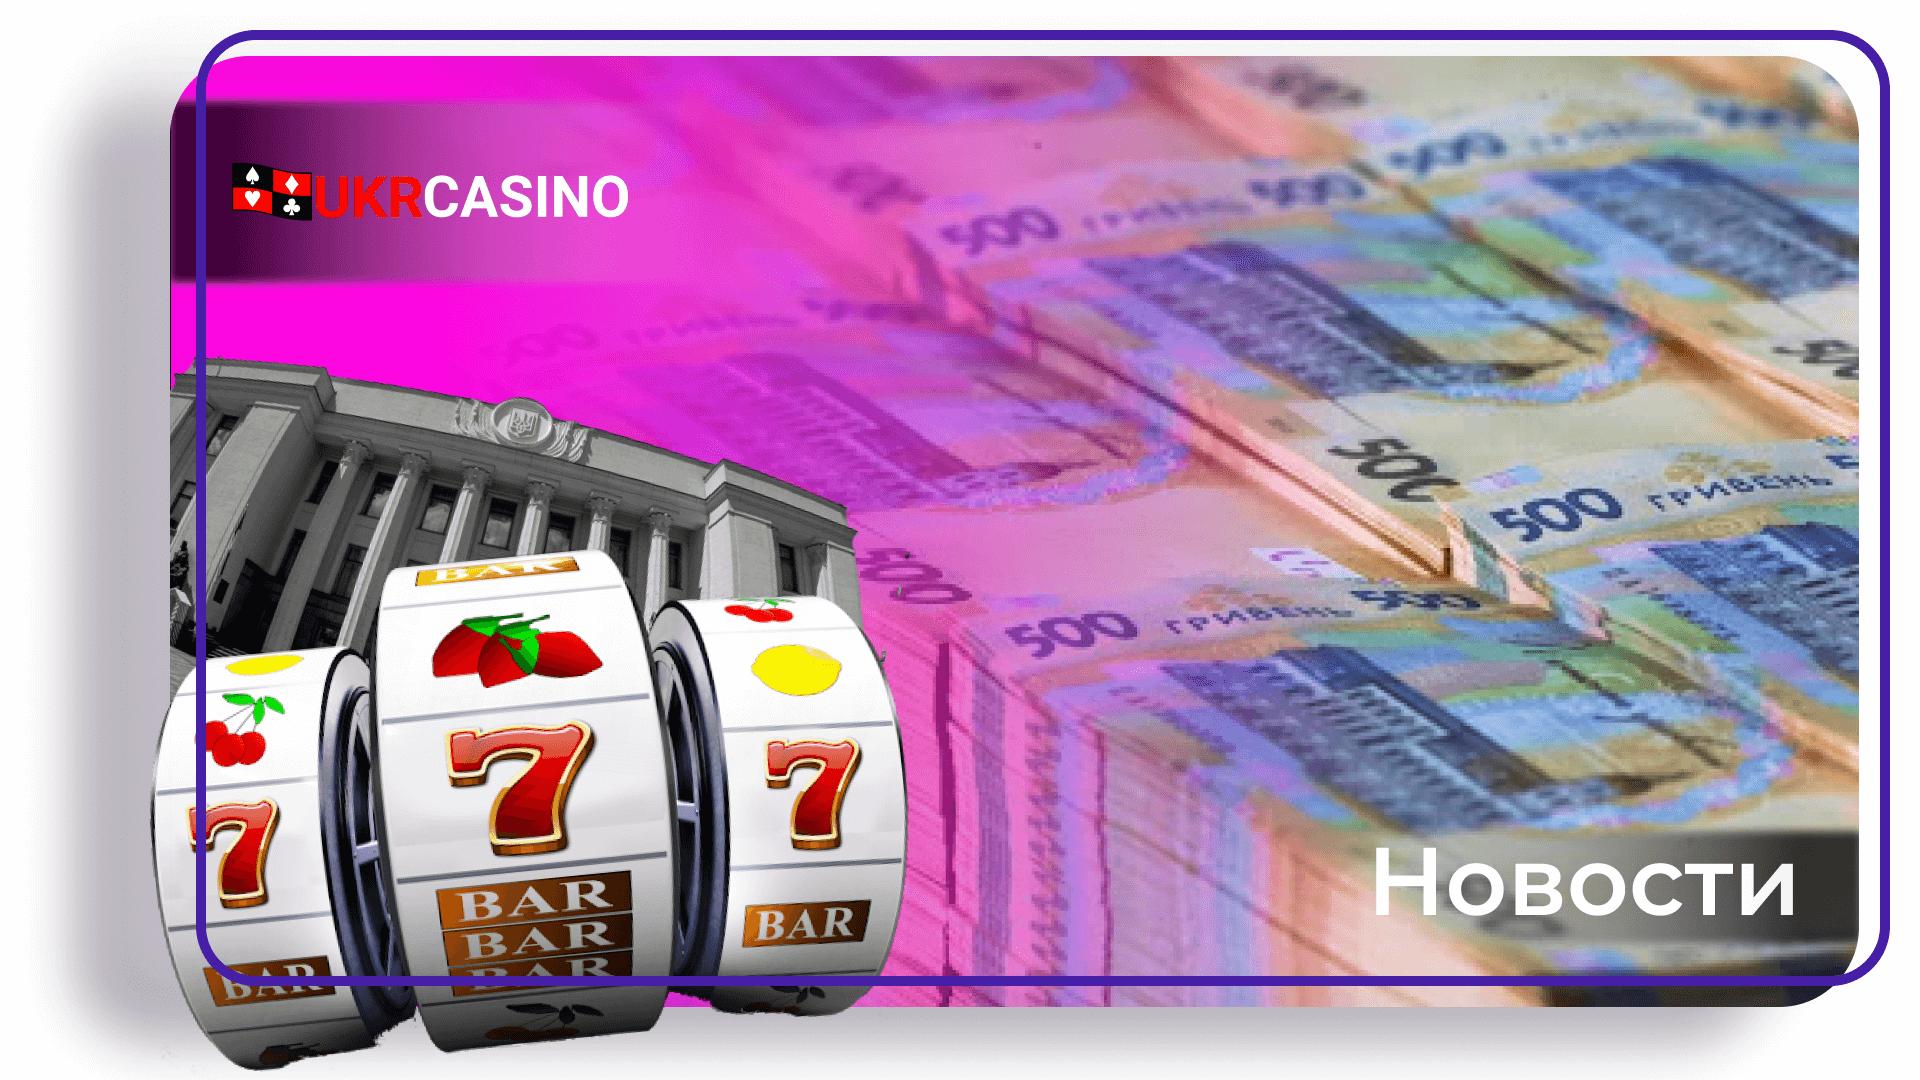 Рада проголосовала за снижение налогов для азартной индустрии